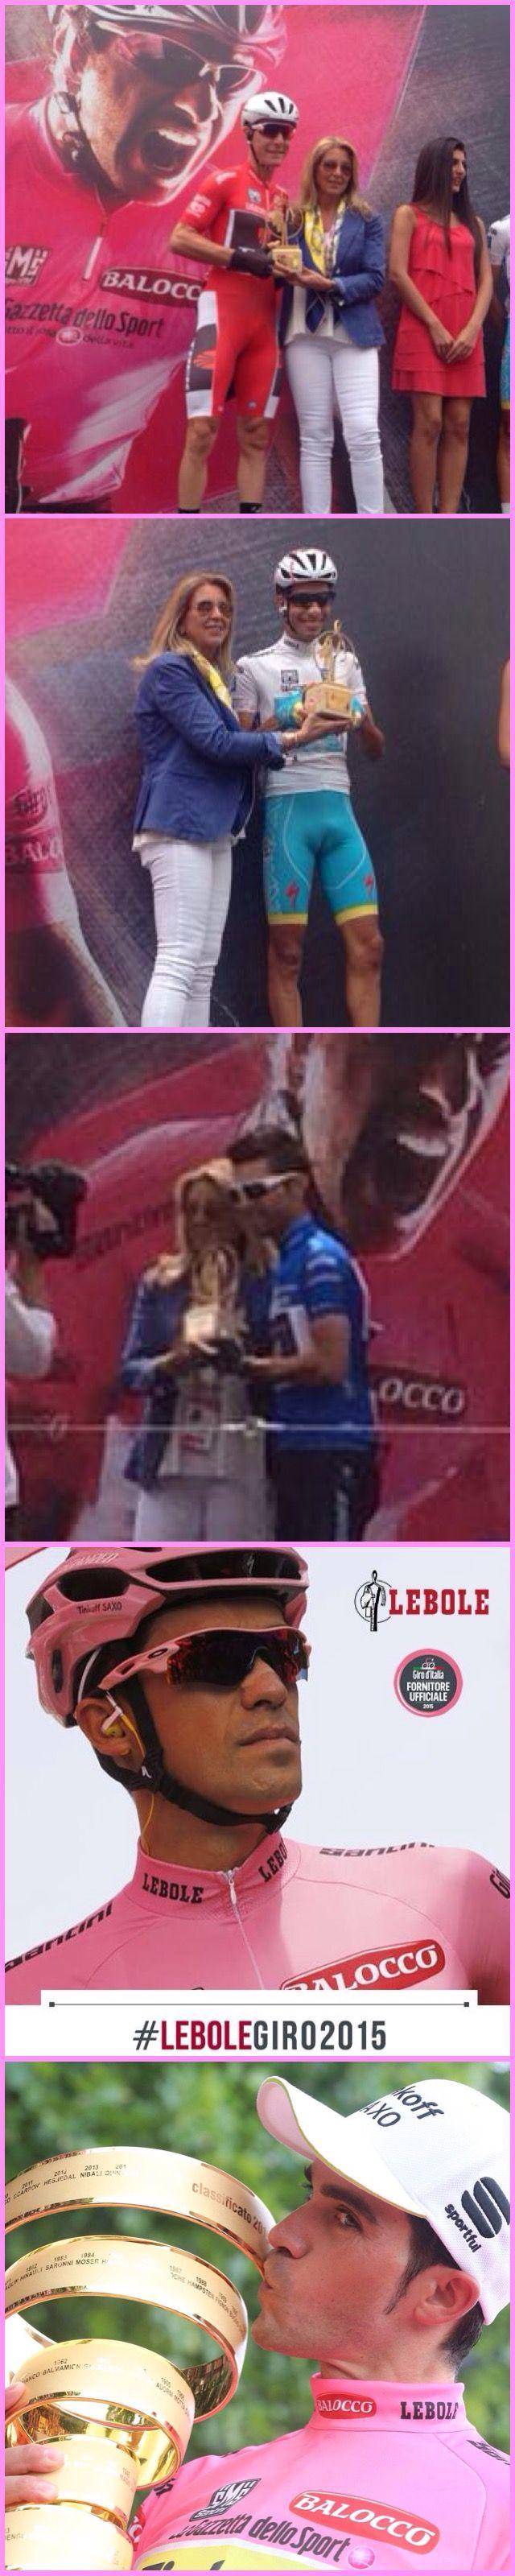 31 maggio 2015 Torino. premiazione delle maglie iridate del Giro d'Italia 2015. Anna Lebole consegna il Trofeo LEBOLE ai detentori delle maglie Rosa, Azzurra, Rossa e Bianca #lebolegiro2015 #lebole #modauomo #fashion